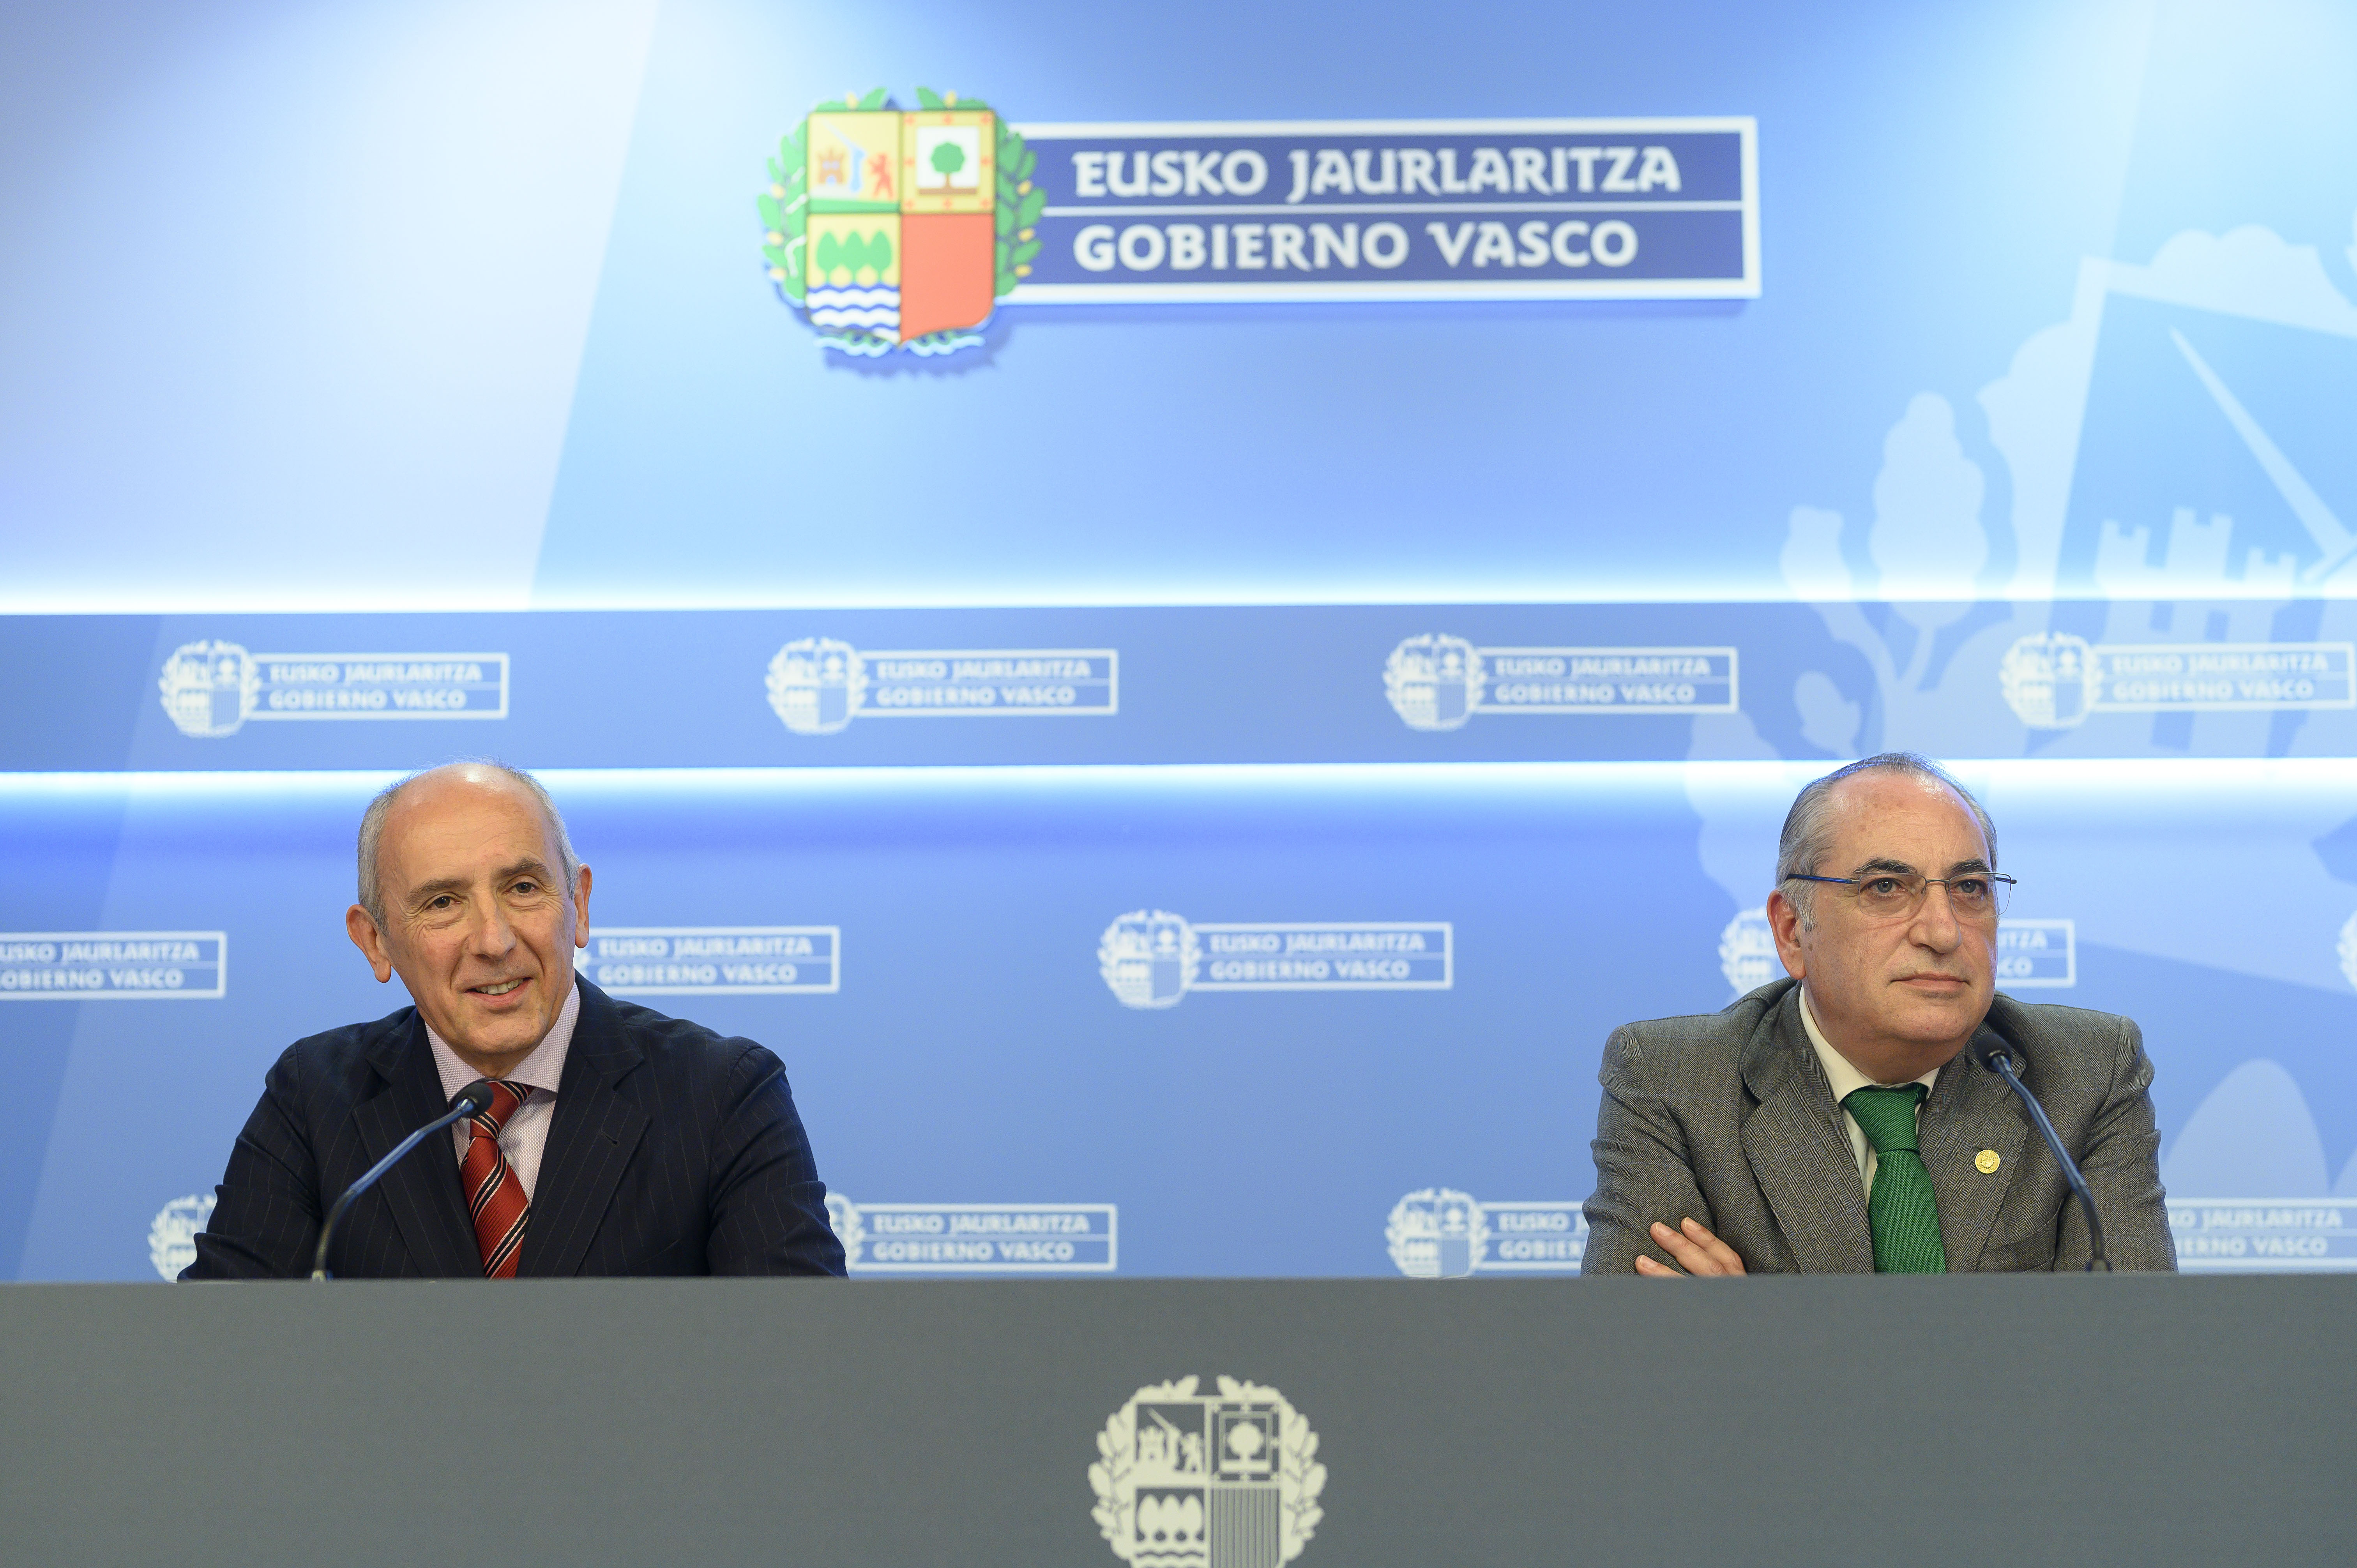 El Lehendakari pide a las y los consejeros del Gobierno Vasco compartir una reflexión sobre la situación política e institucional [43:11]